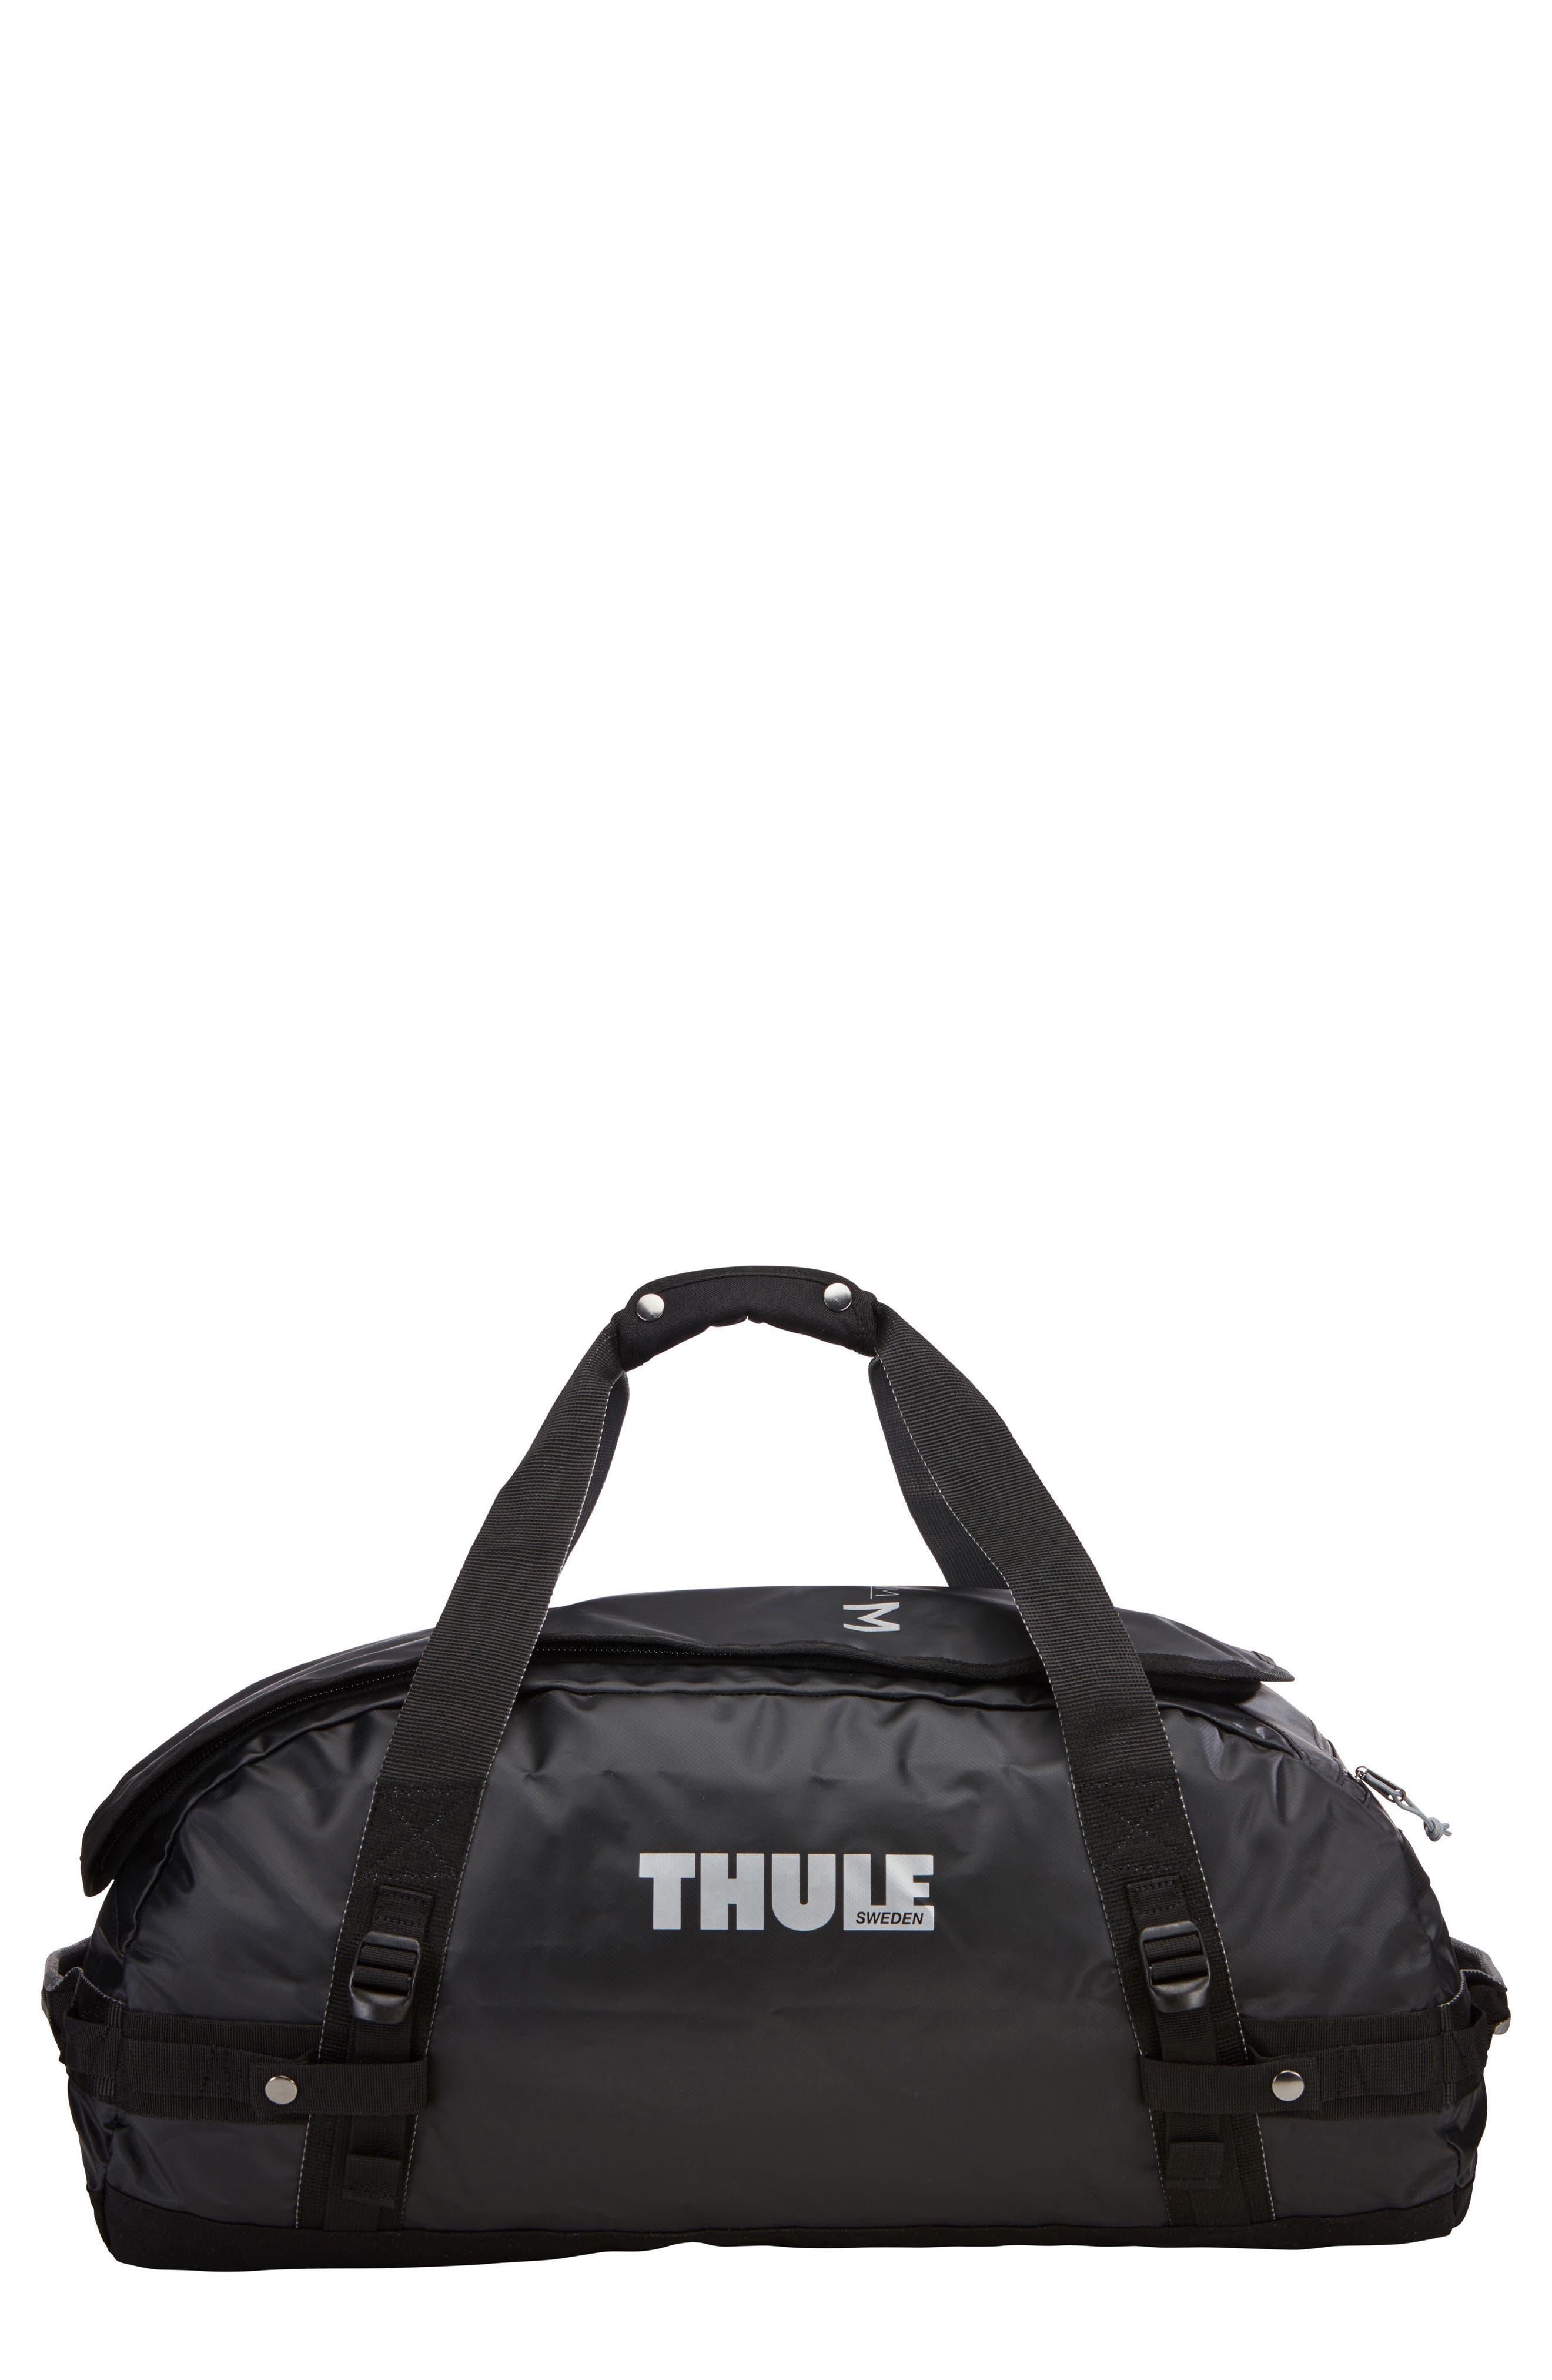 Thule Chasm 70 Liter Convertible Duffel Bag